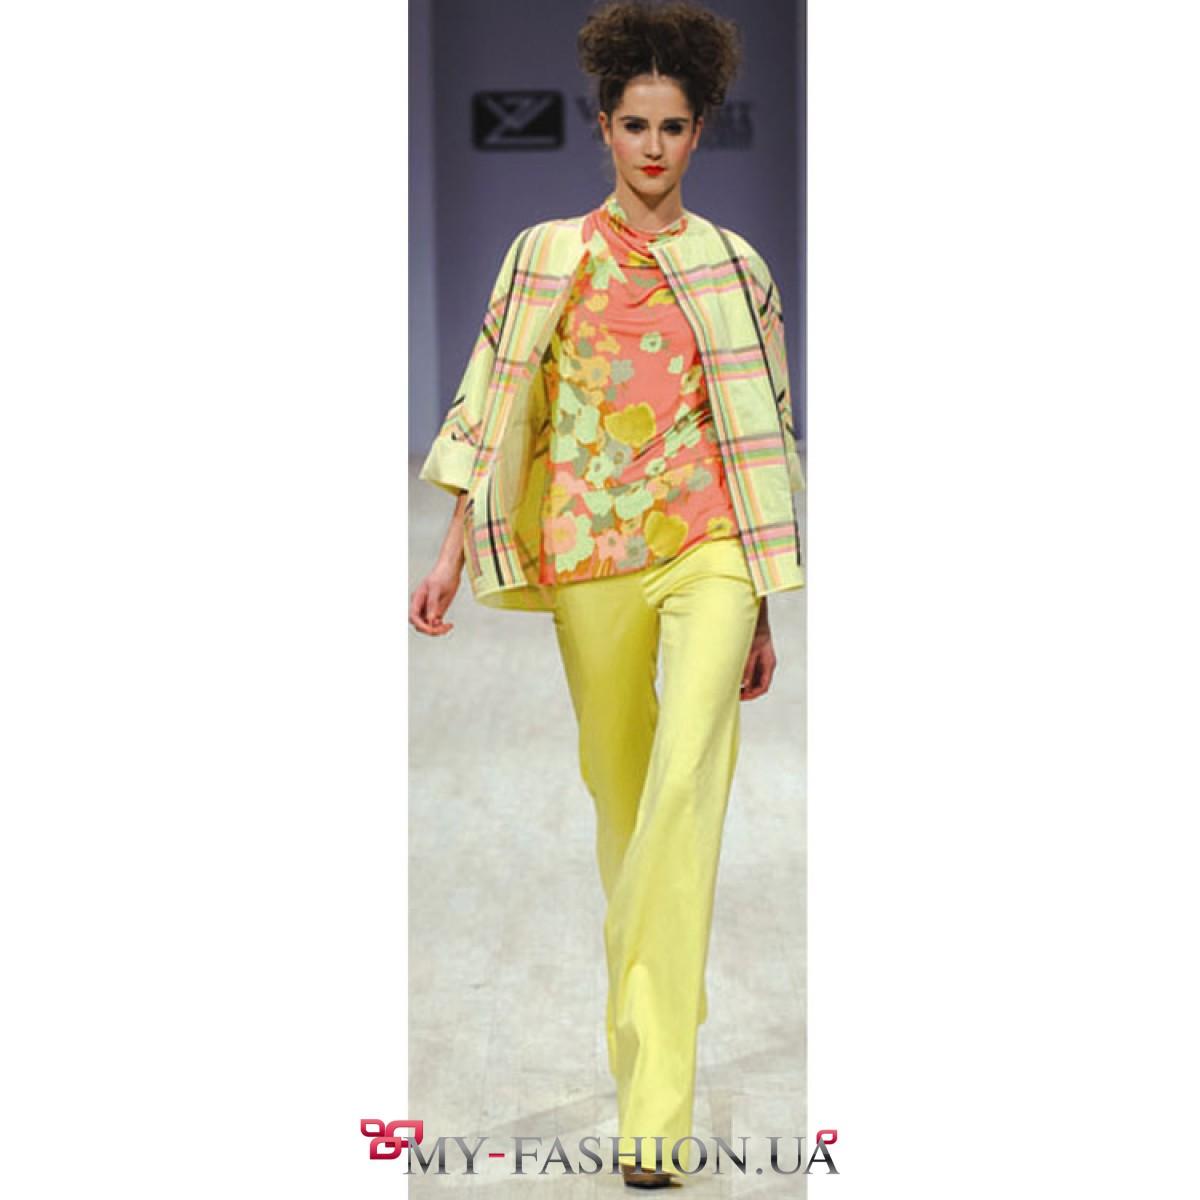 Модные блузки весна 2018 Москва